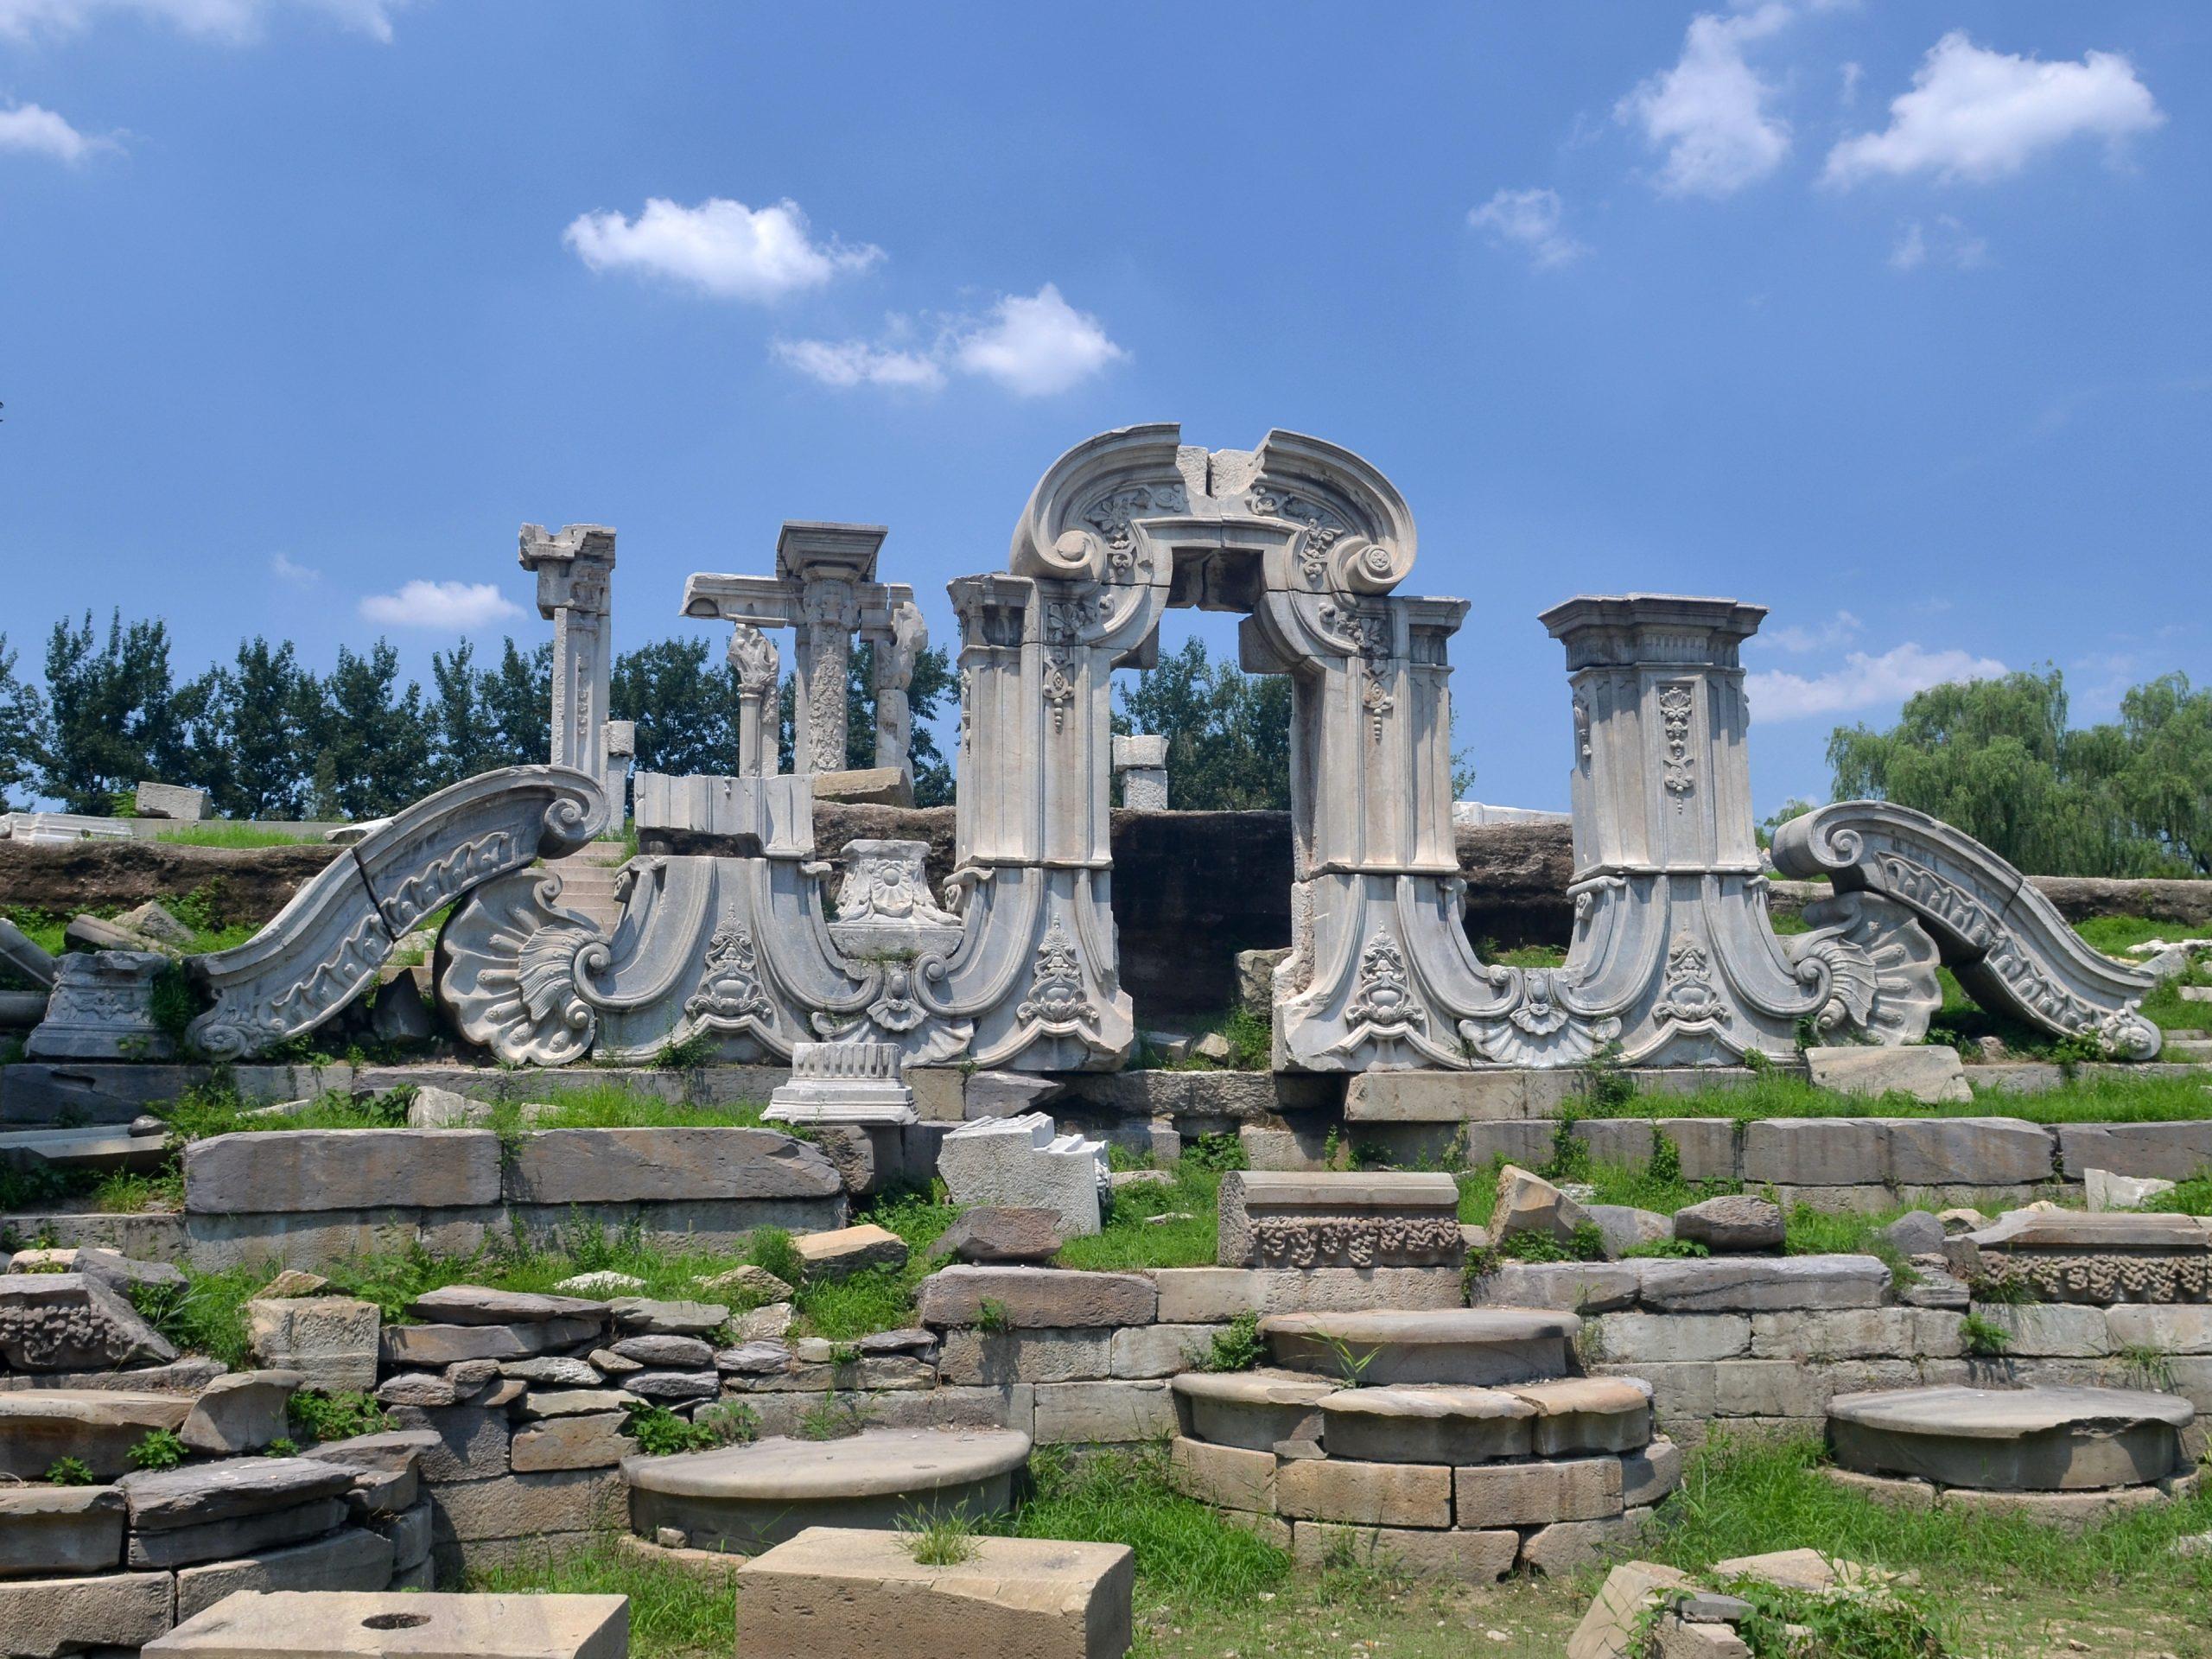 Kiệt tác kiến trúc Bắc Kinh gây tranh cãi